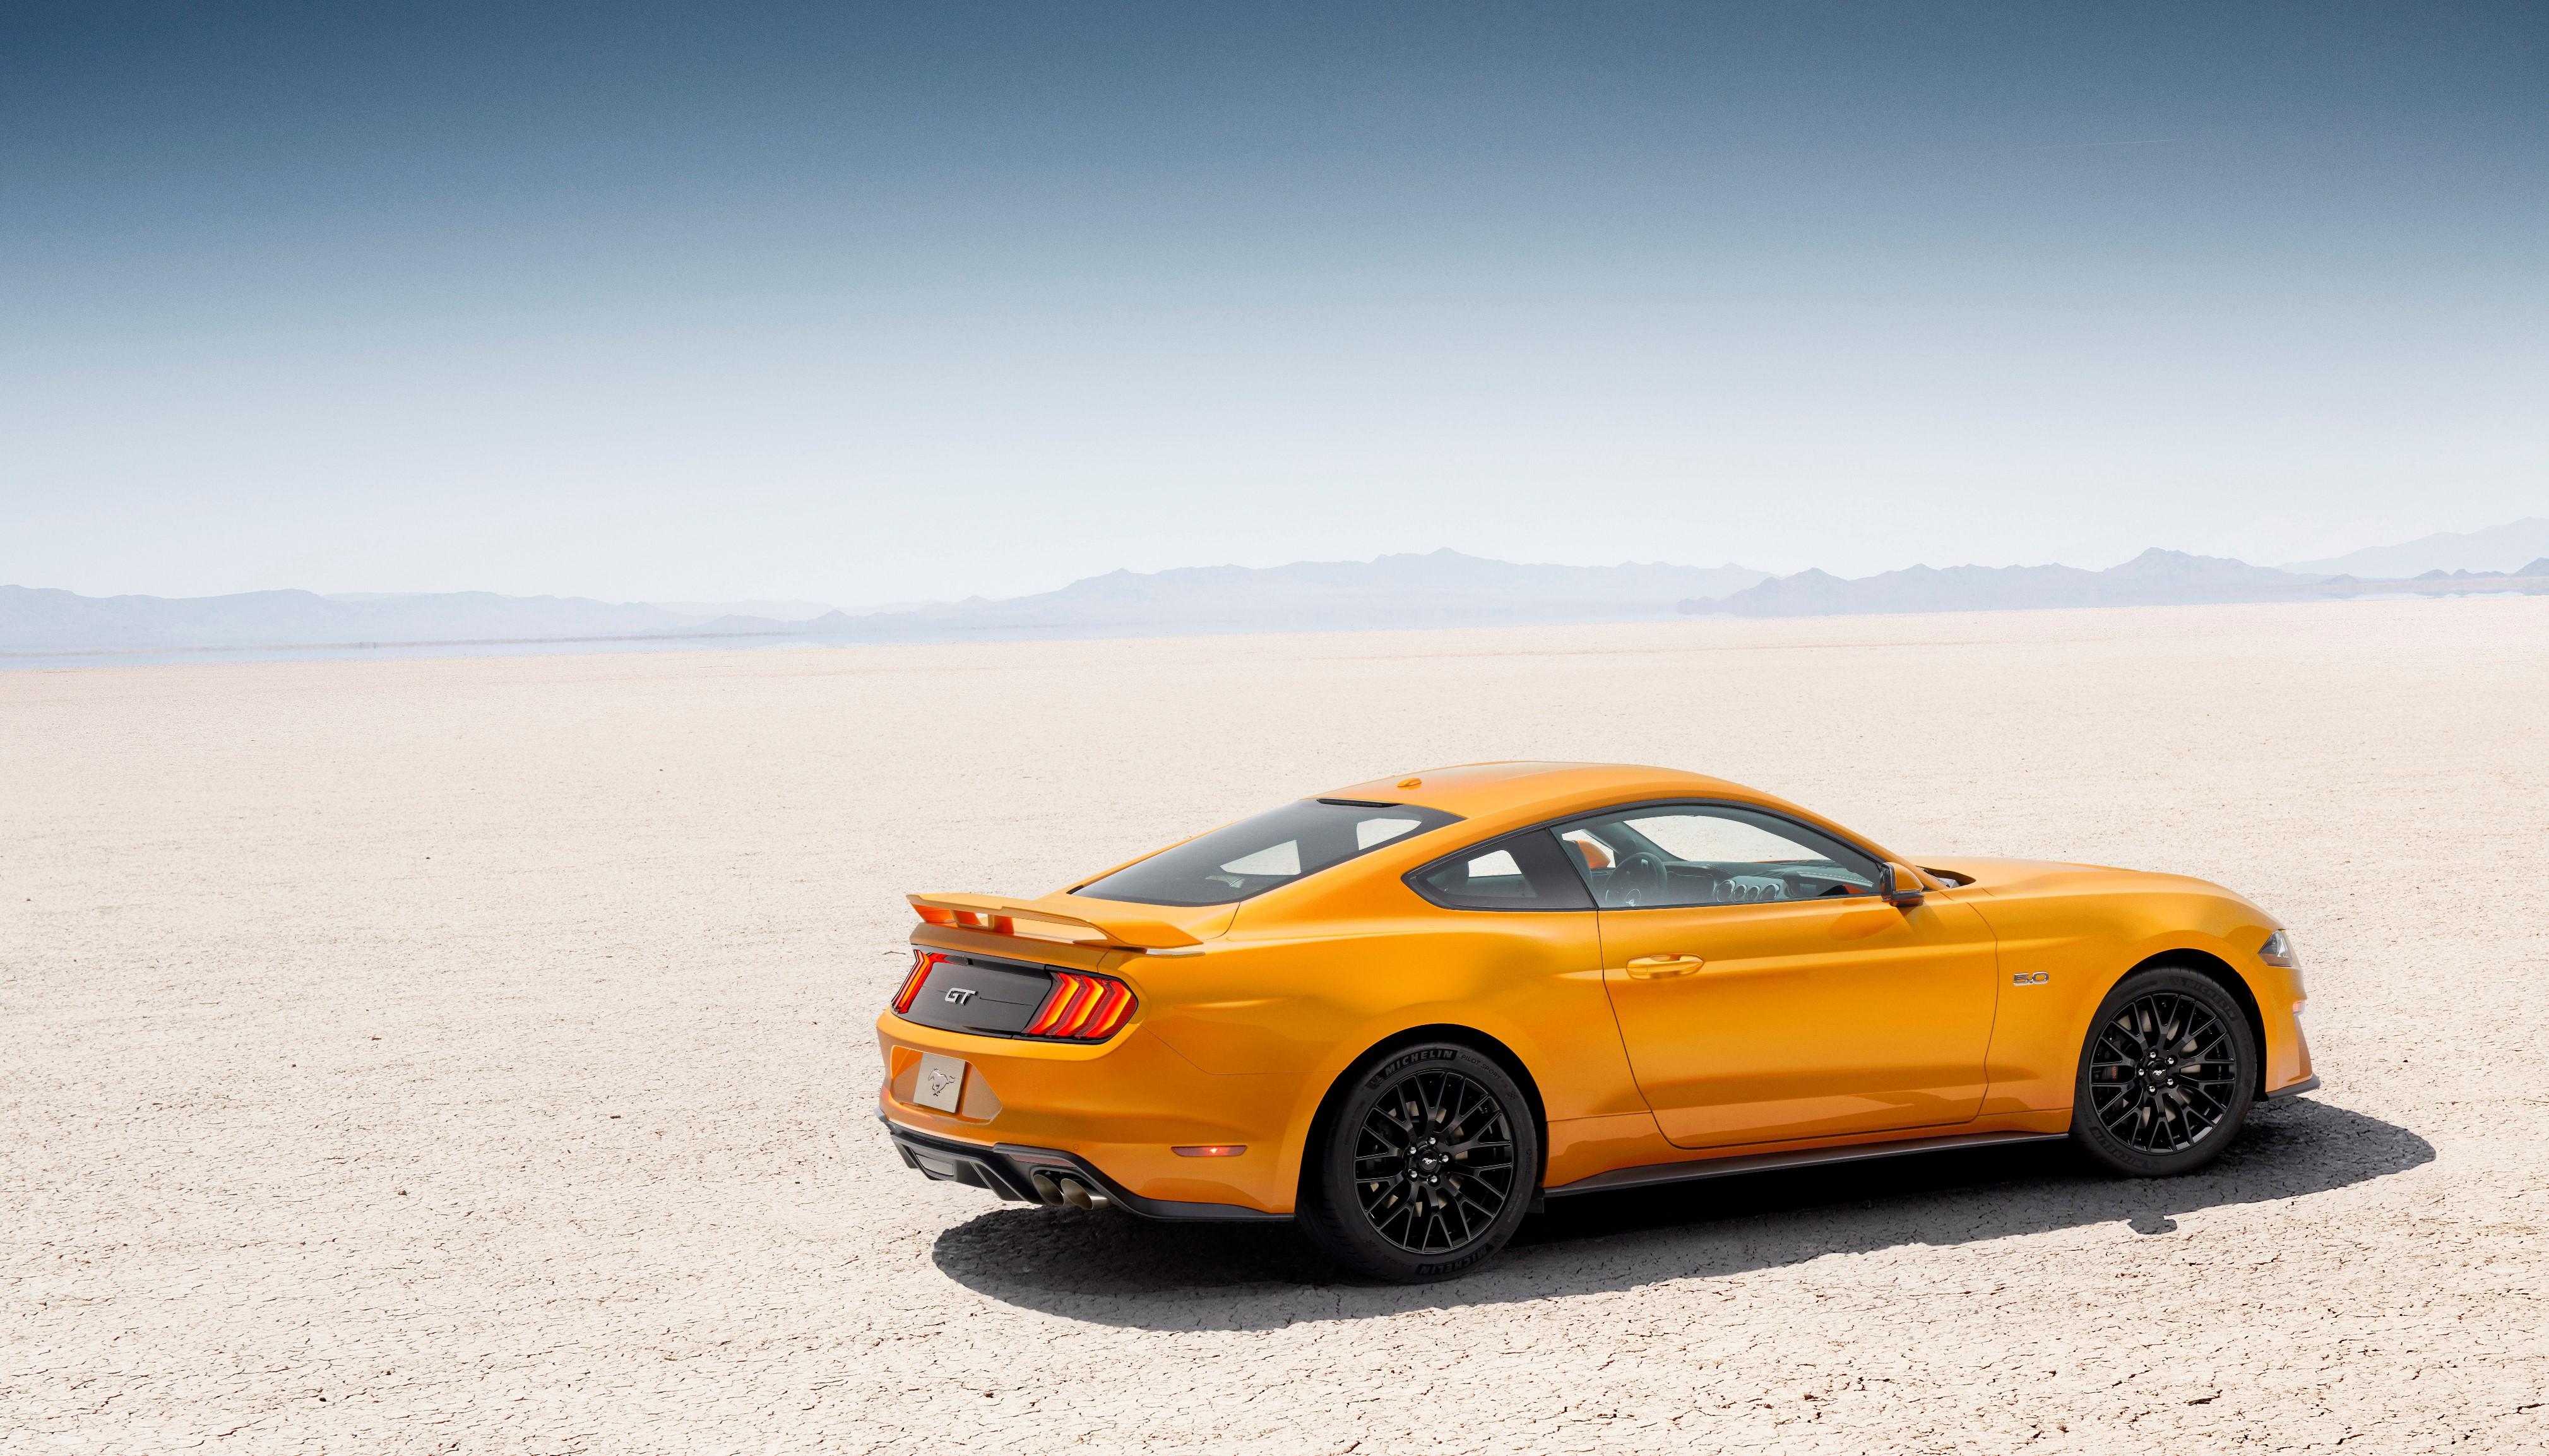 智能化的新福特野马mustang正让跑车进入一个极致体验